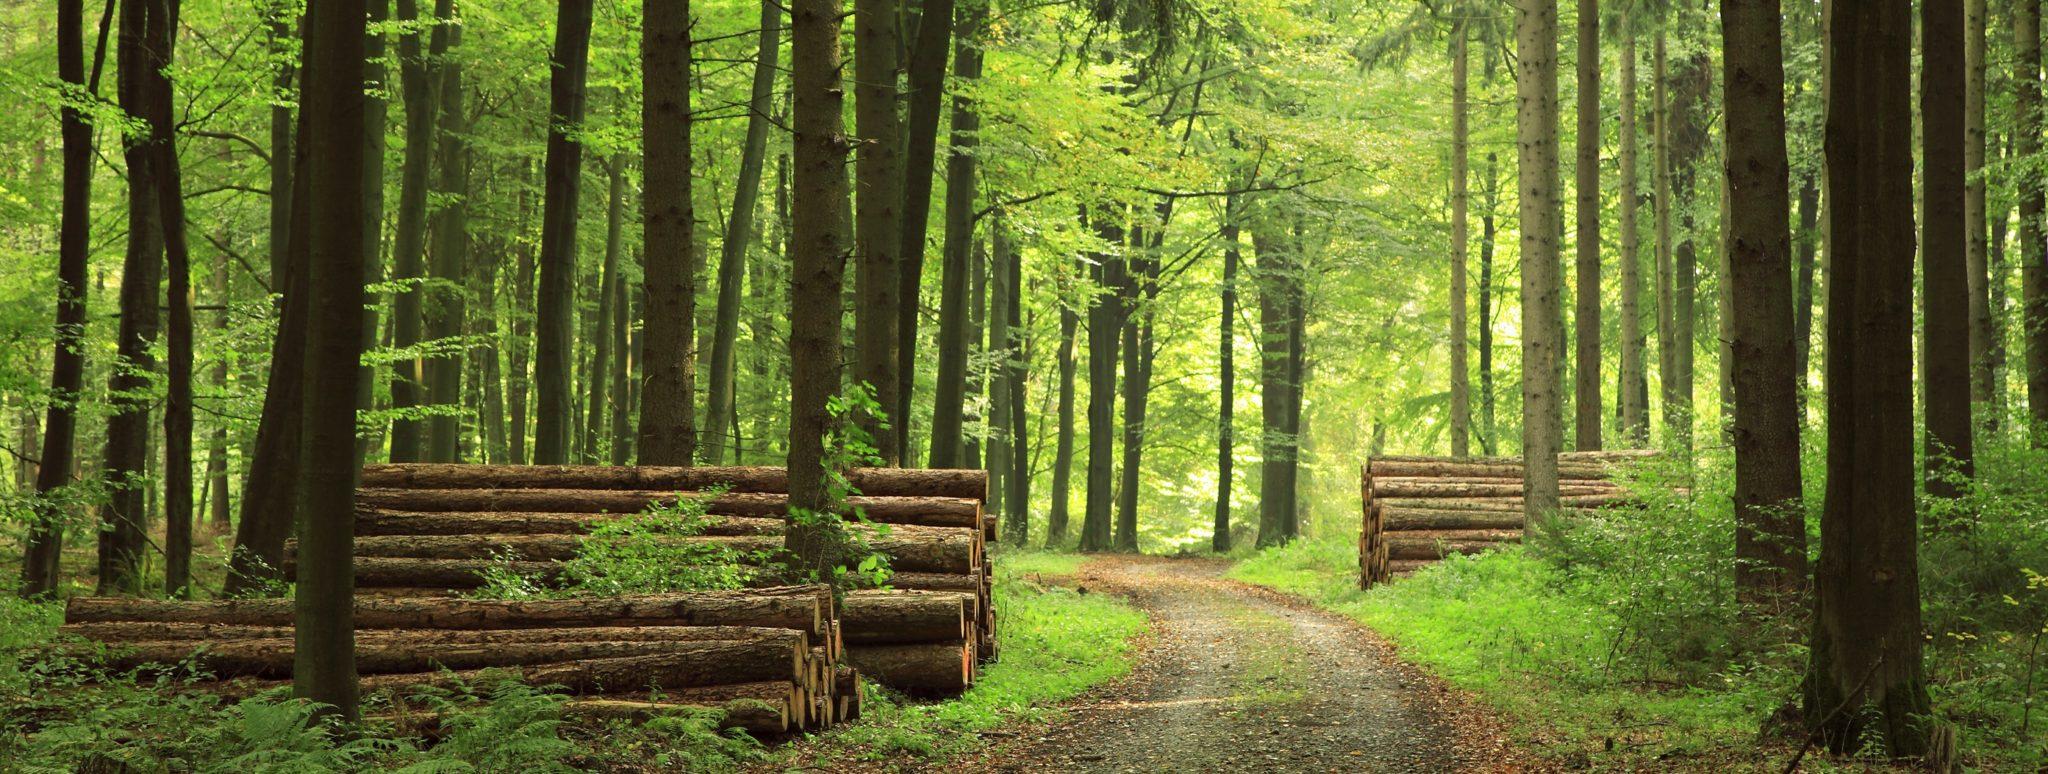 Photo de forêt cible pour le GFI France Valley Patrimoine, Groupement Forestier d'Investissement